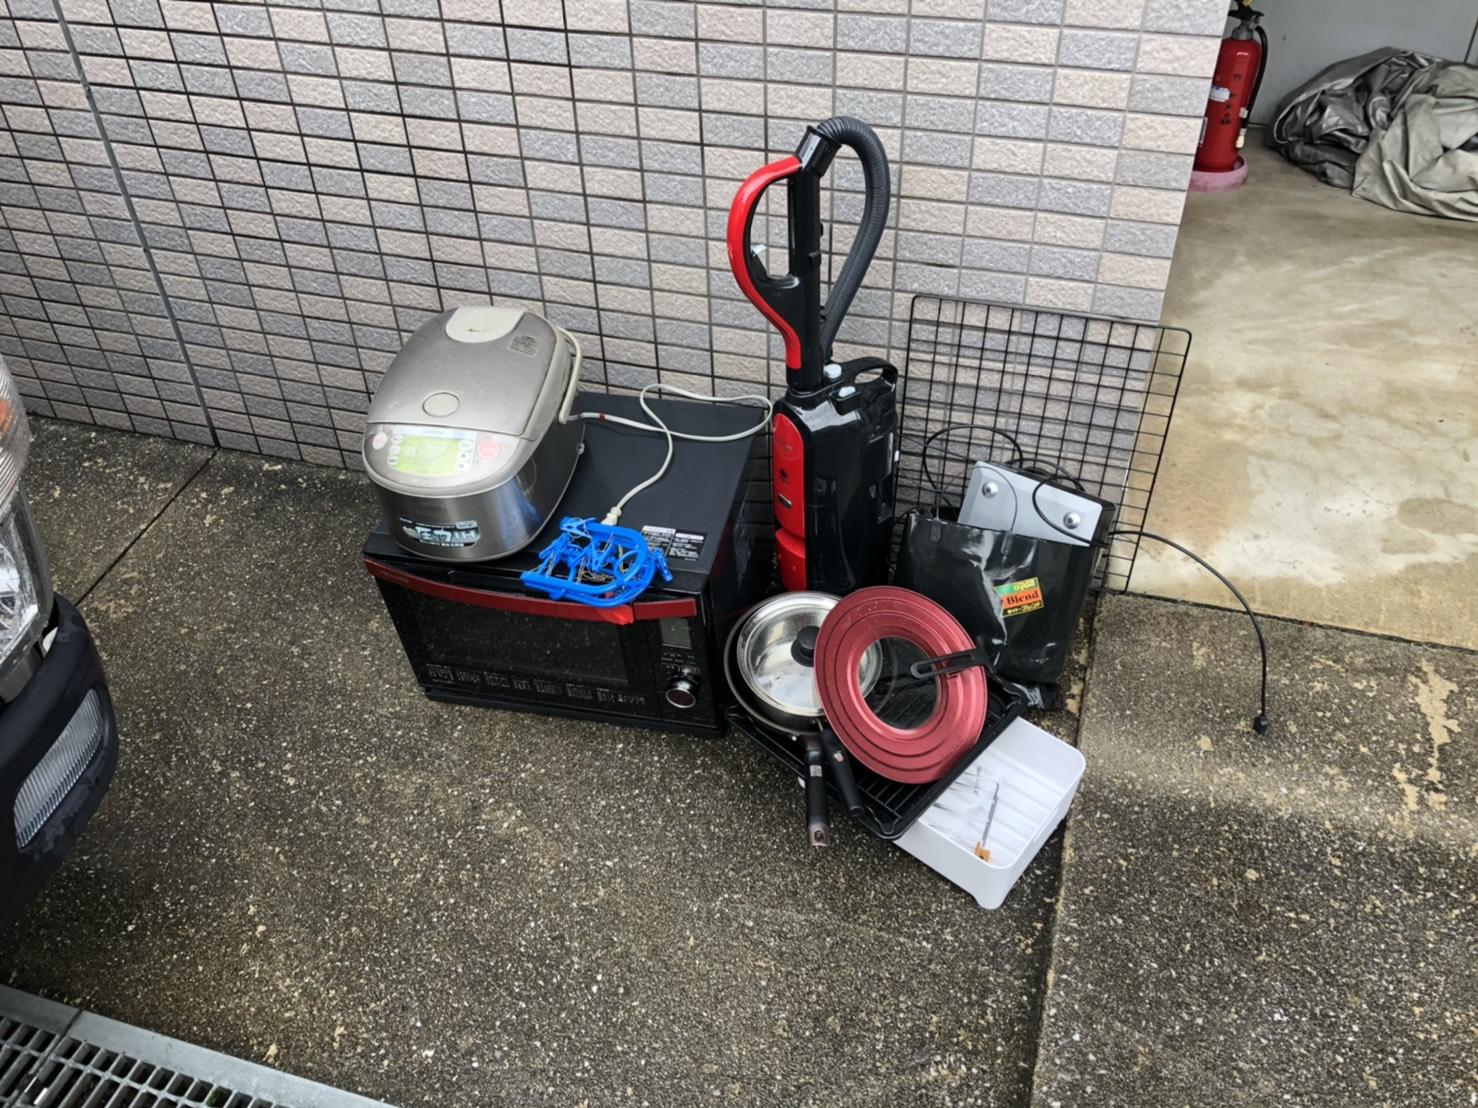 炊飯器、レンジ、掃除機、フライパンの回収前